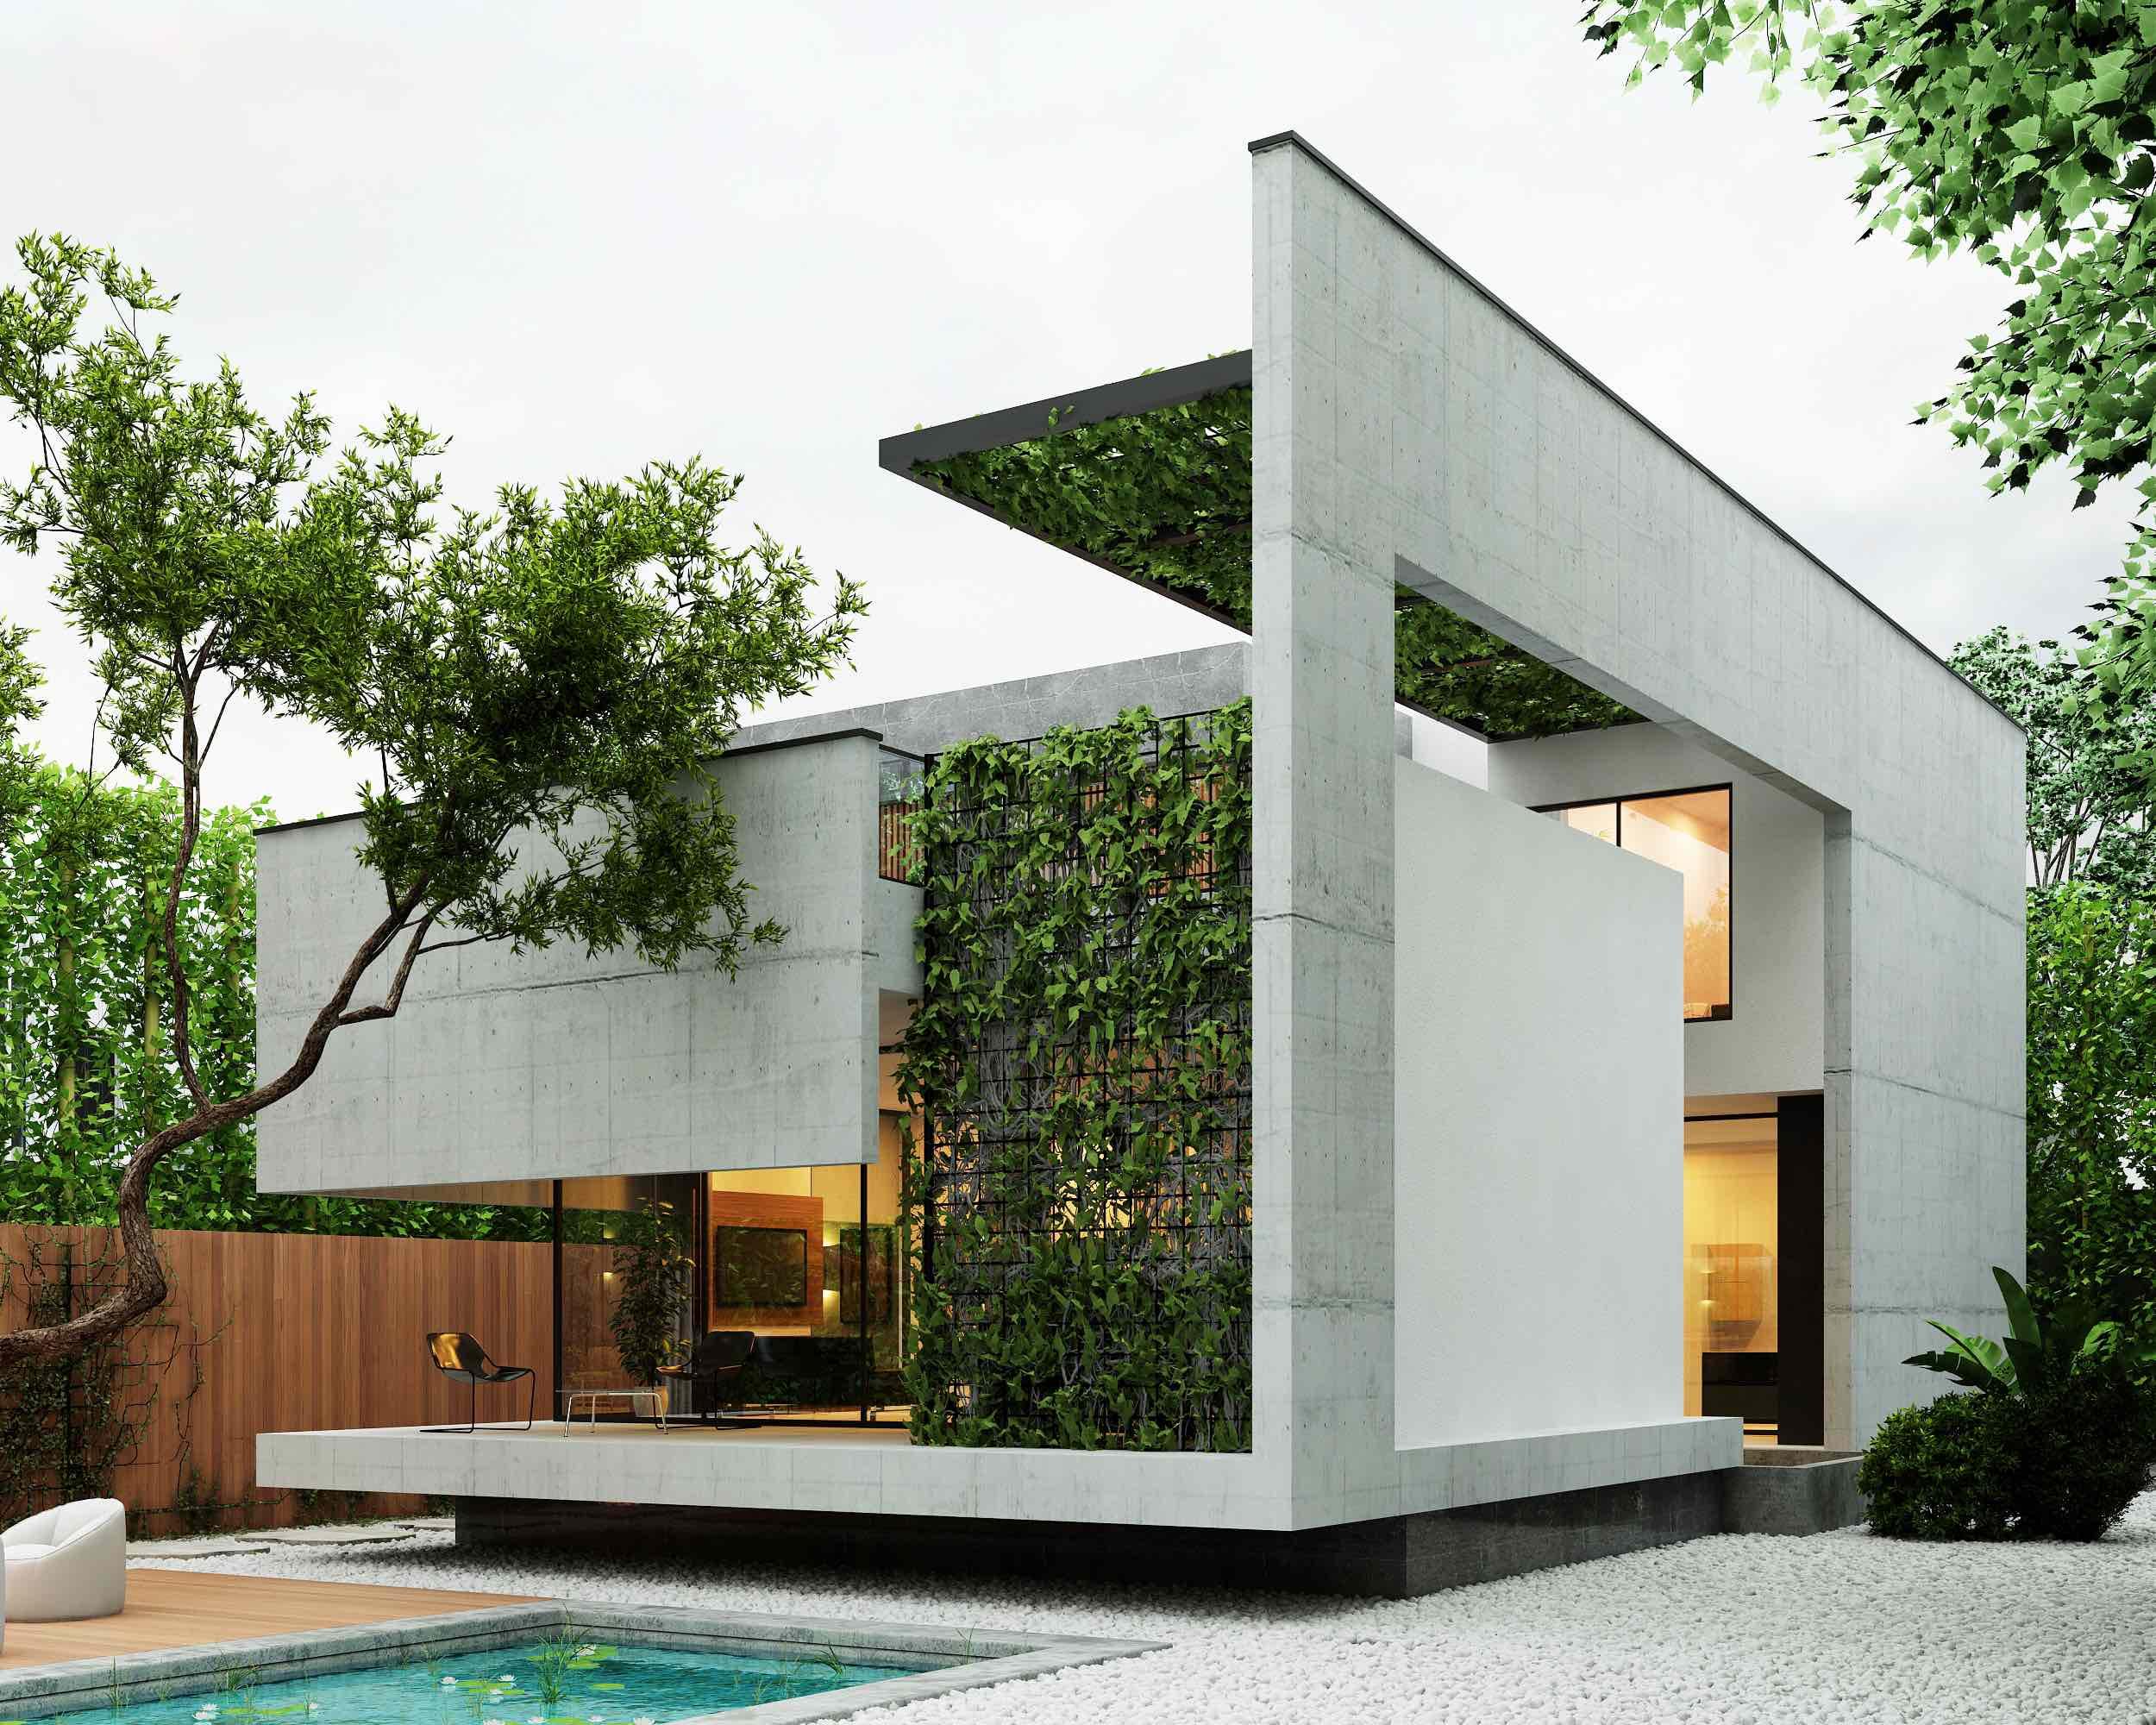 Noor villa designed by Reza Hedayatpoor in Iran